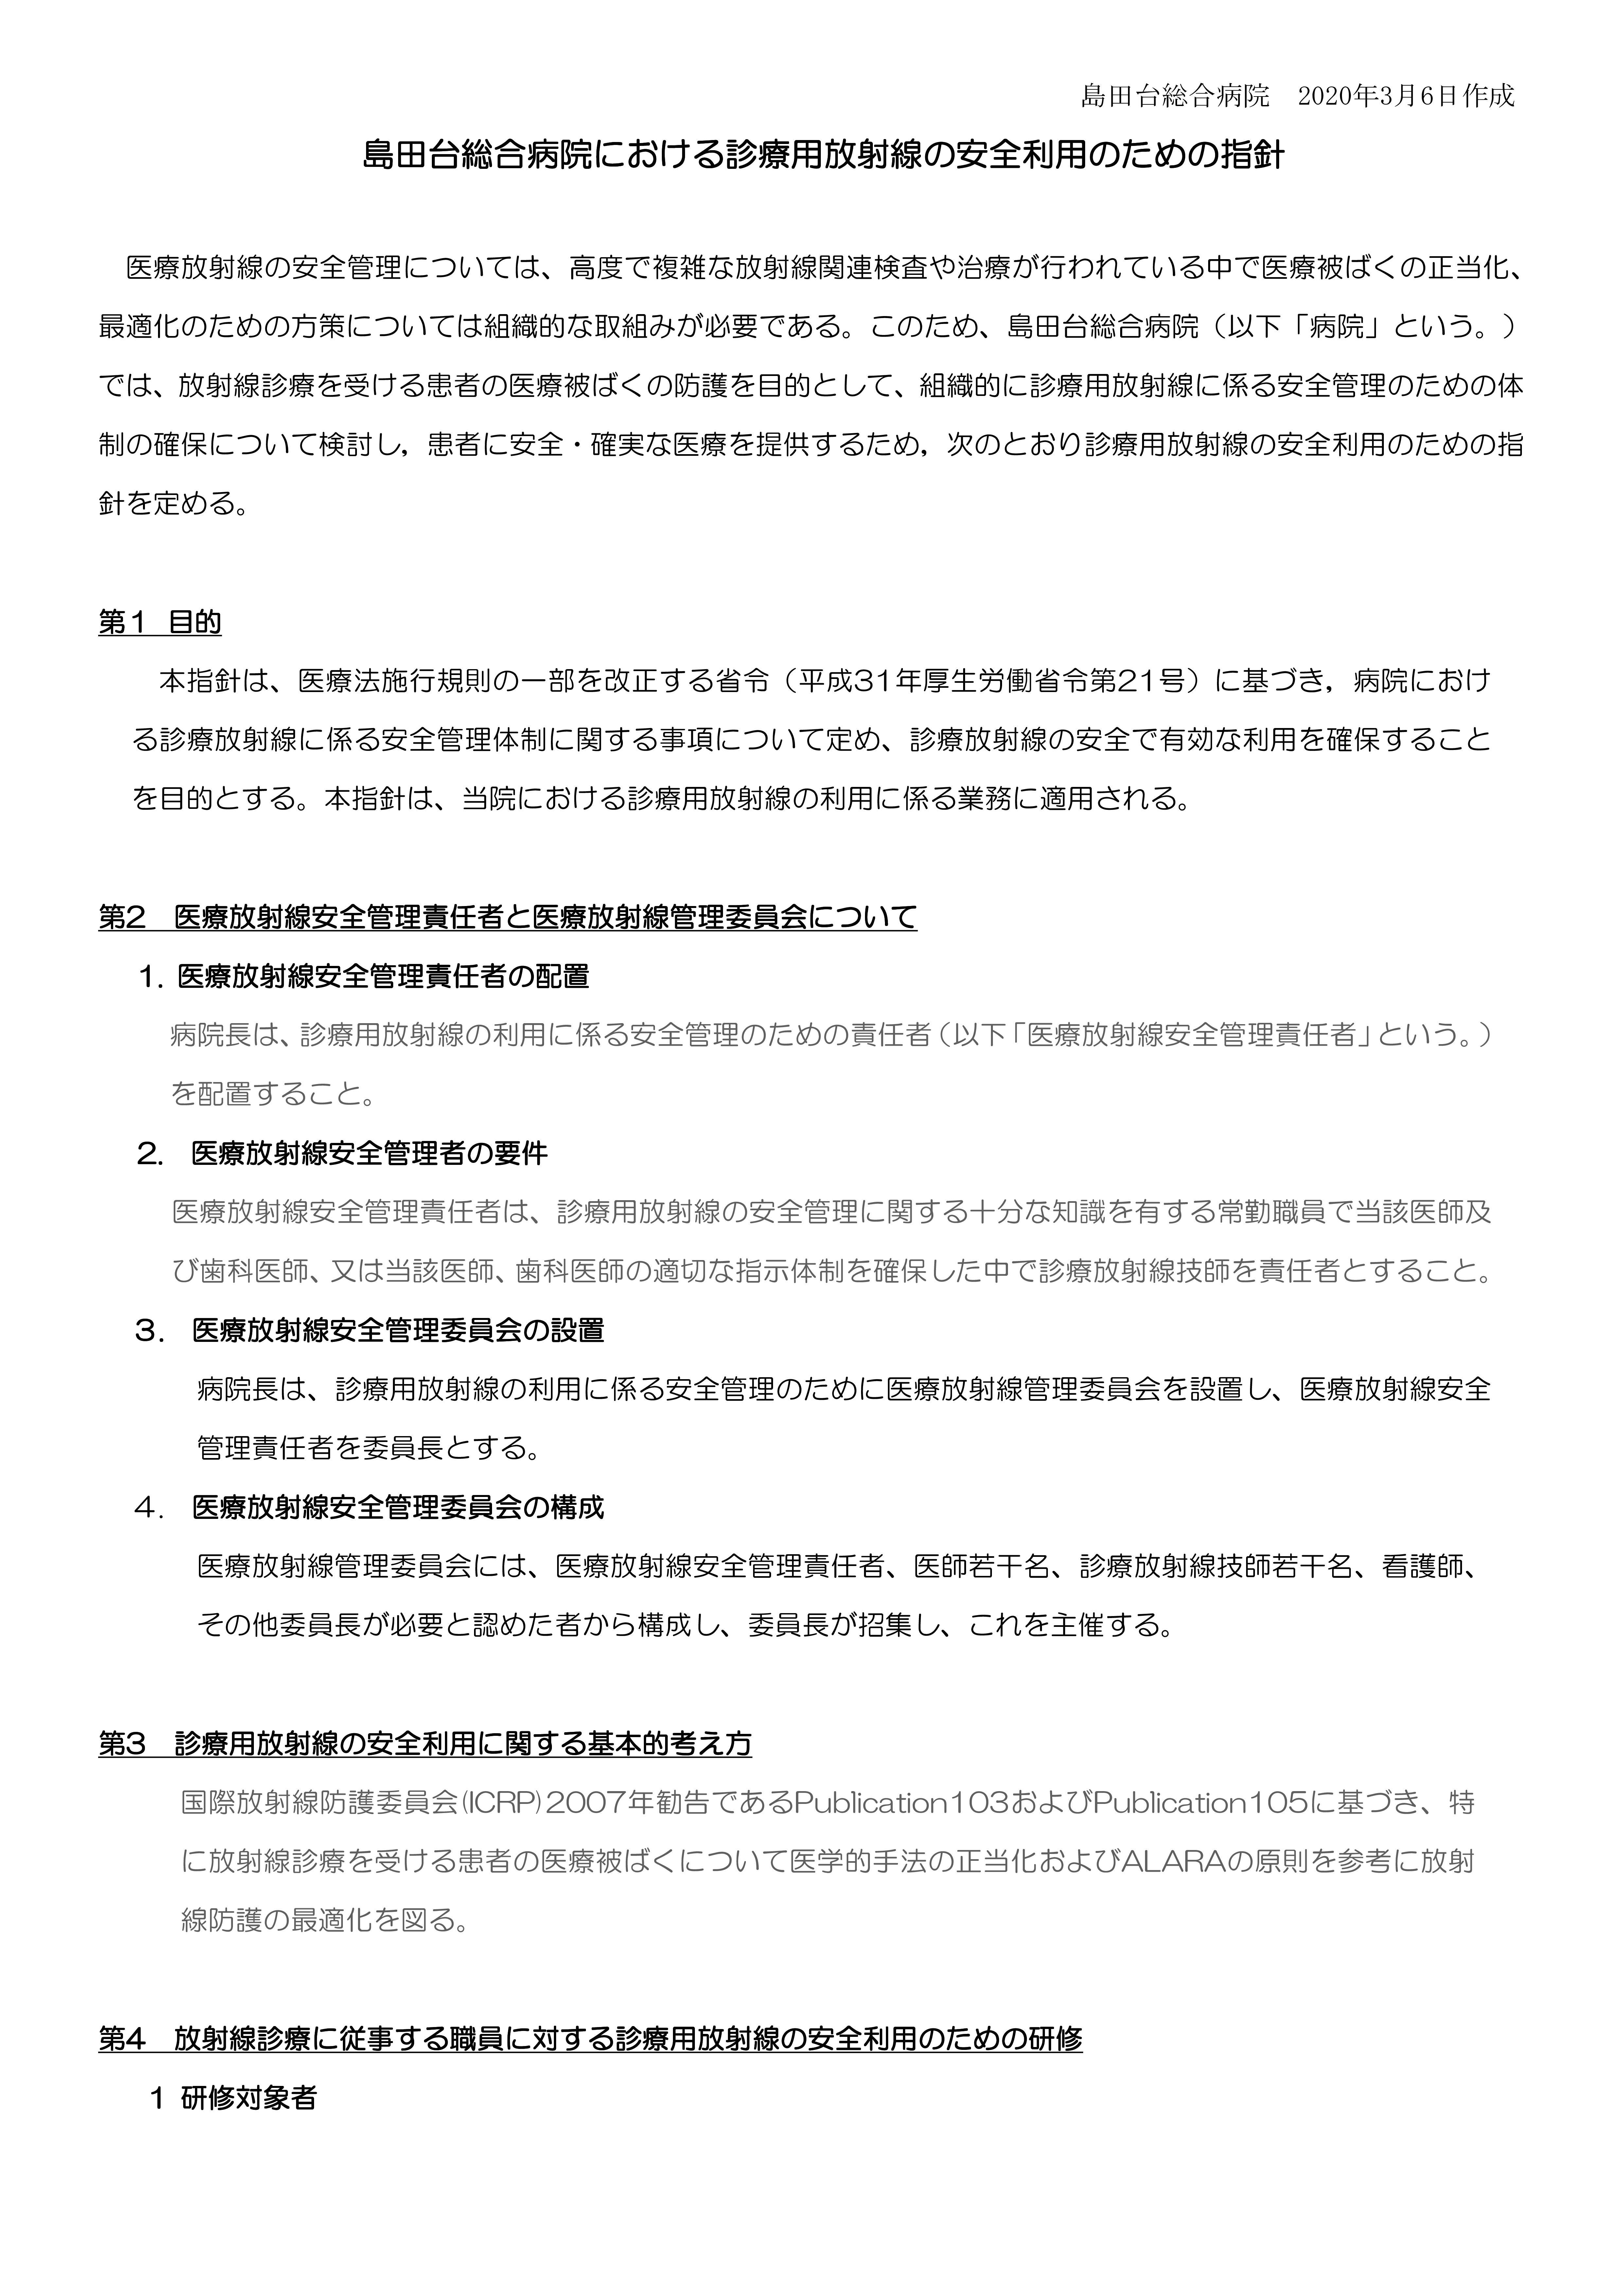 医療放射線安全管理に関する指針-01